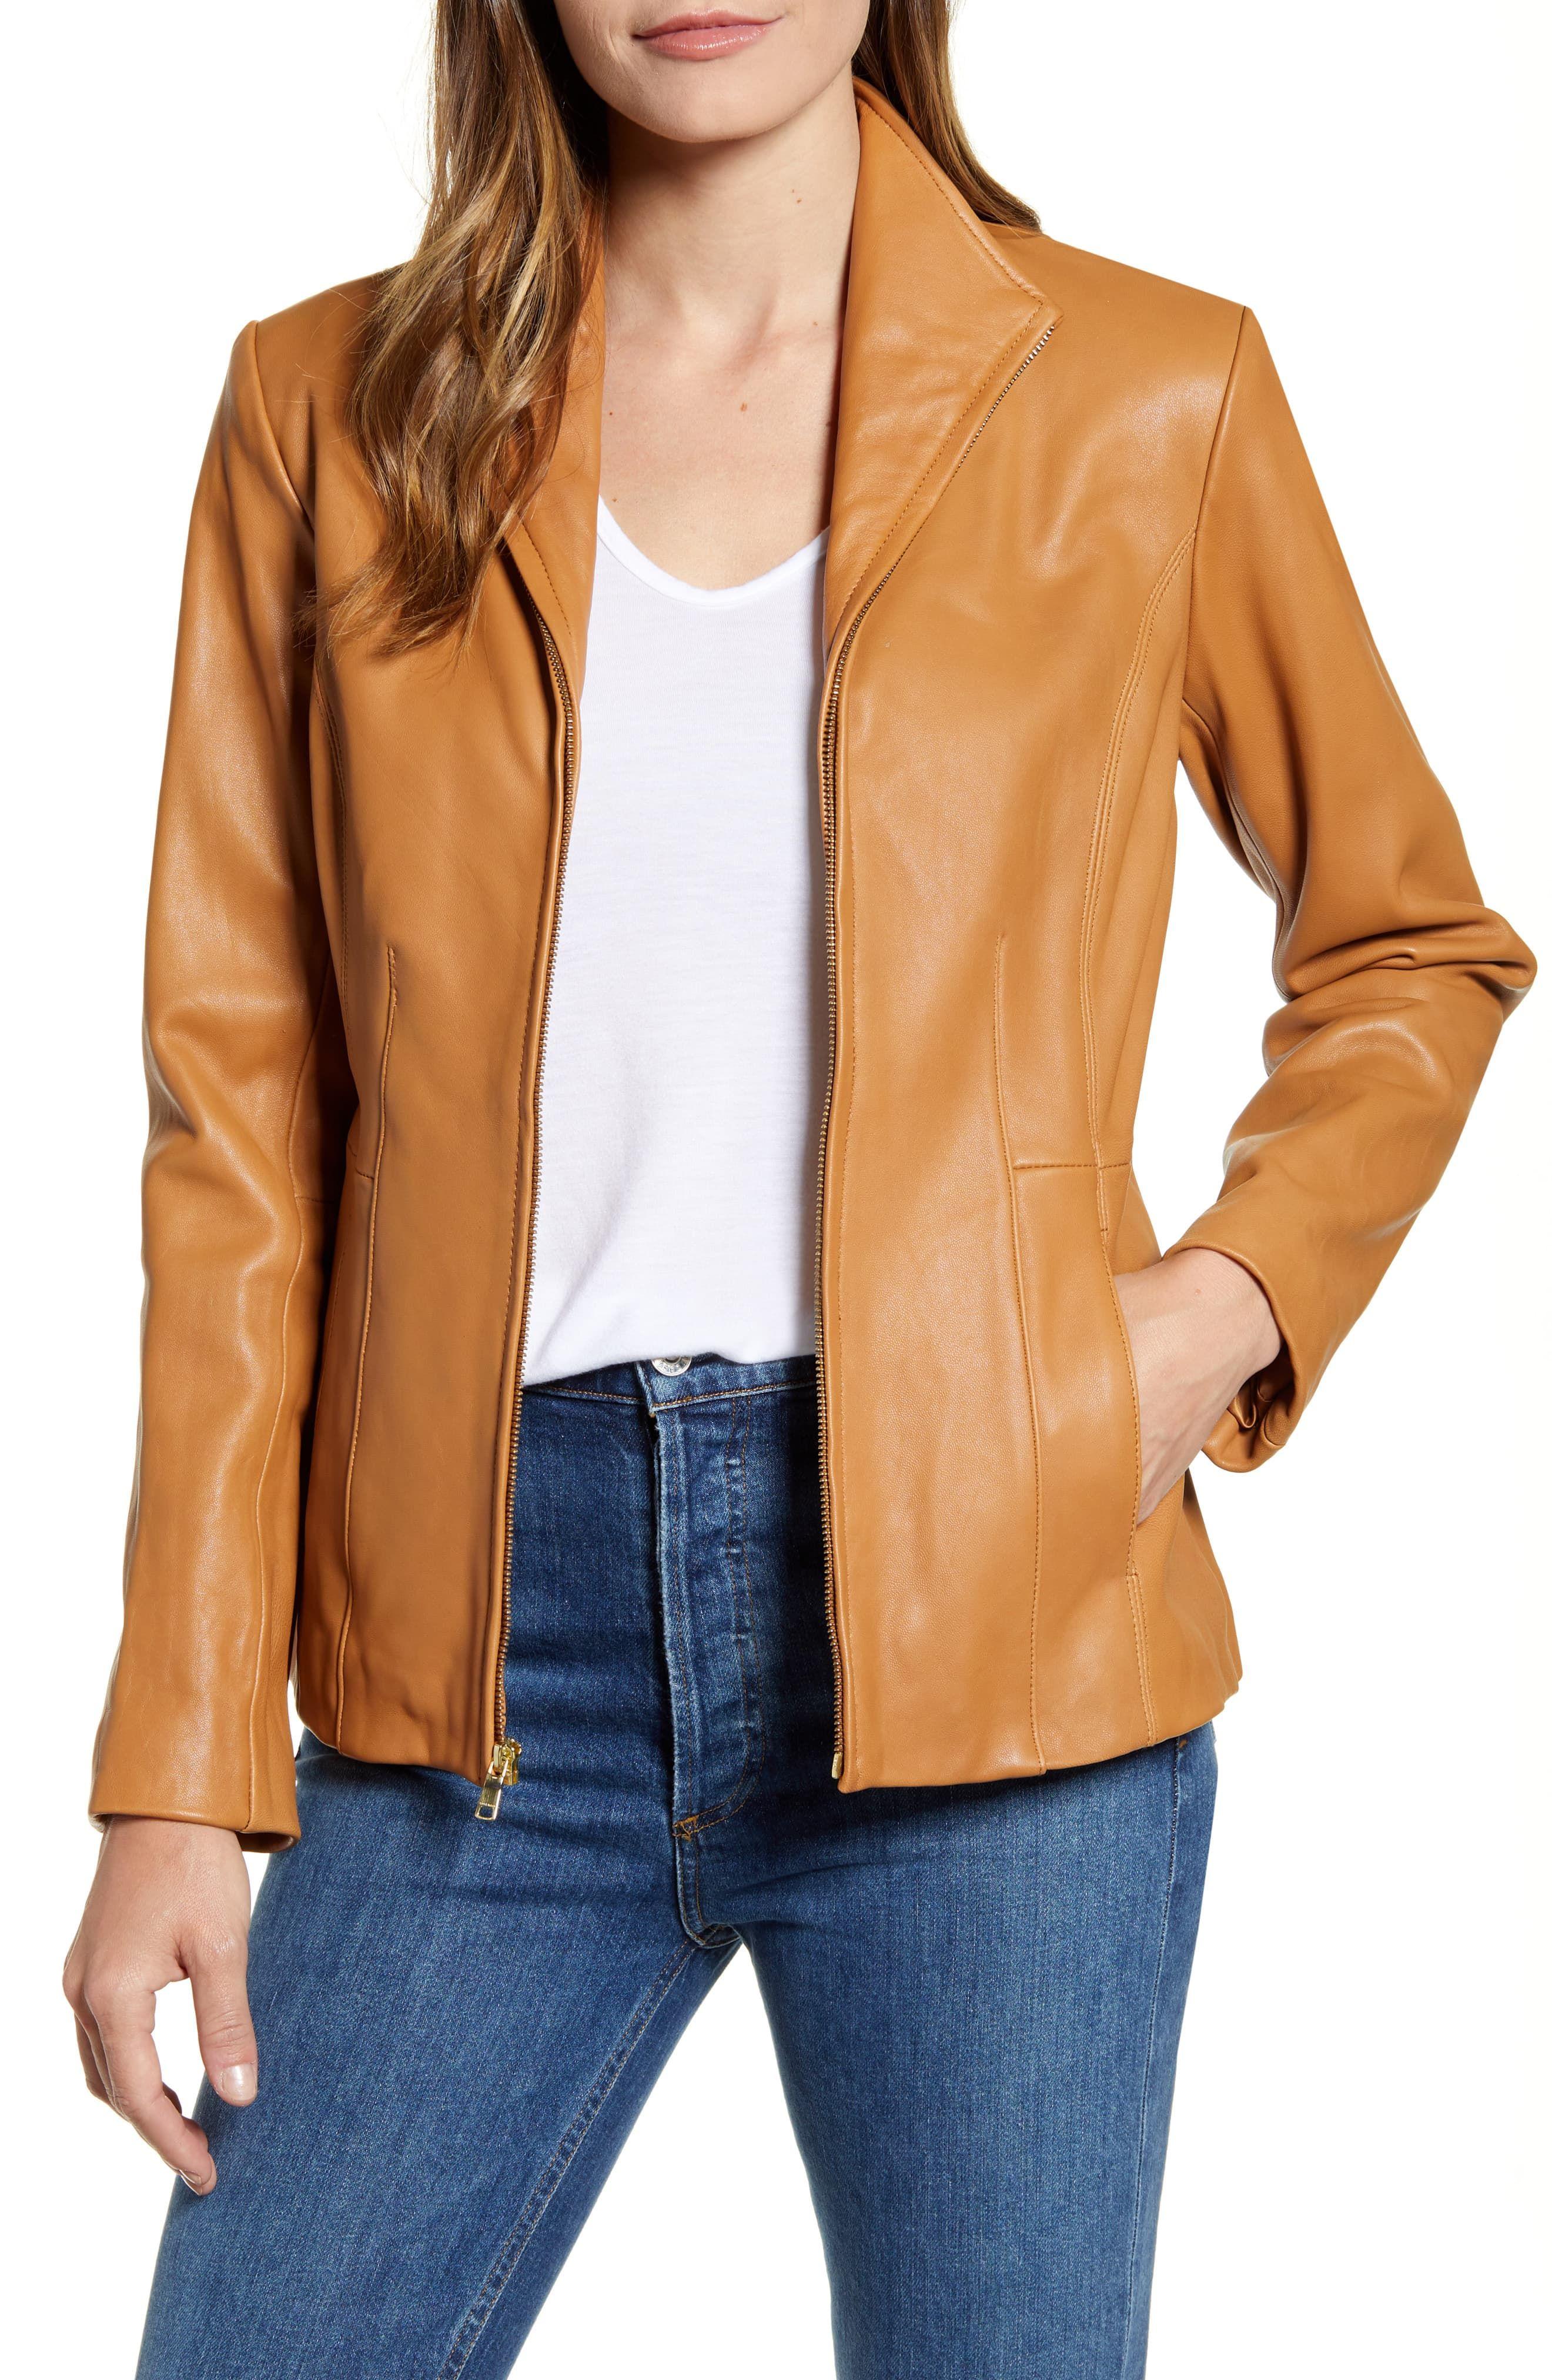 Women's Cole Haan Lambskin Leather Jacket, Size Medium